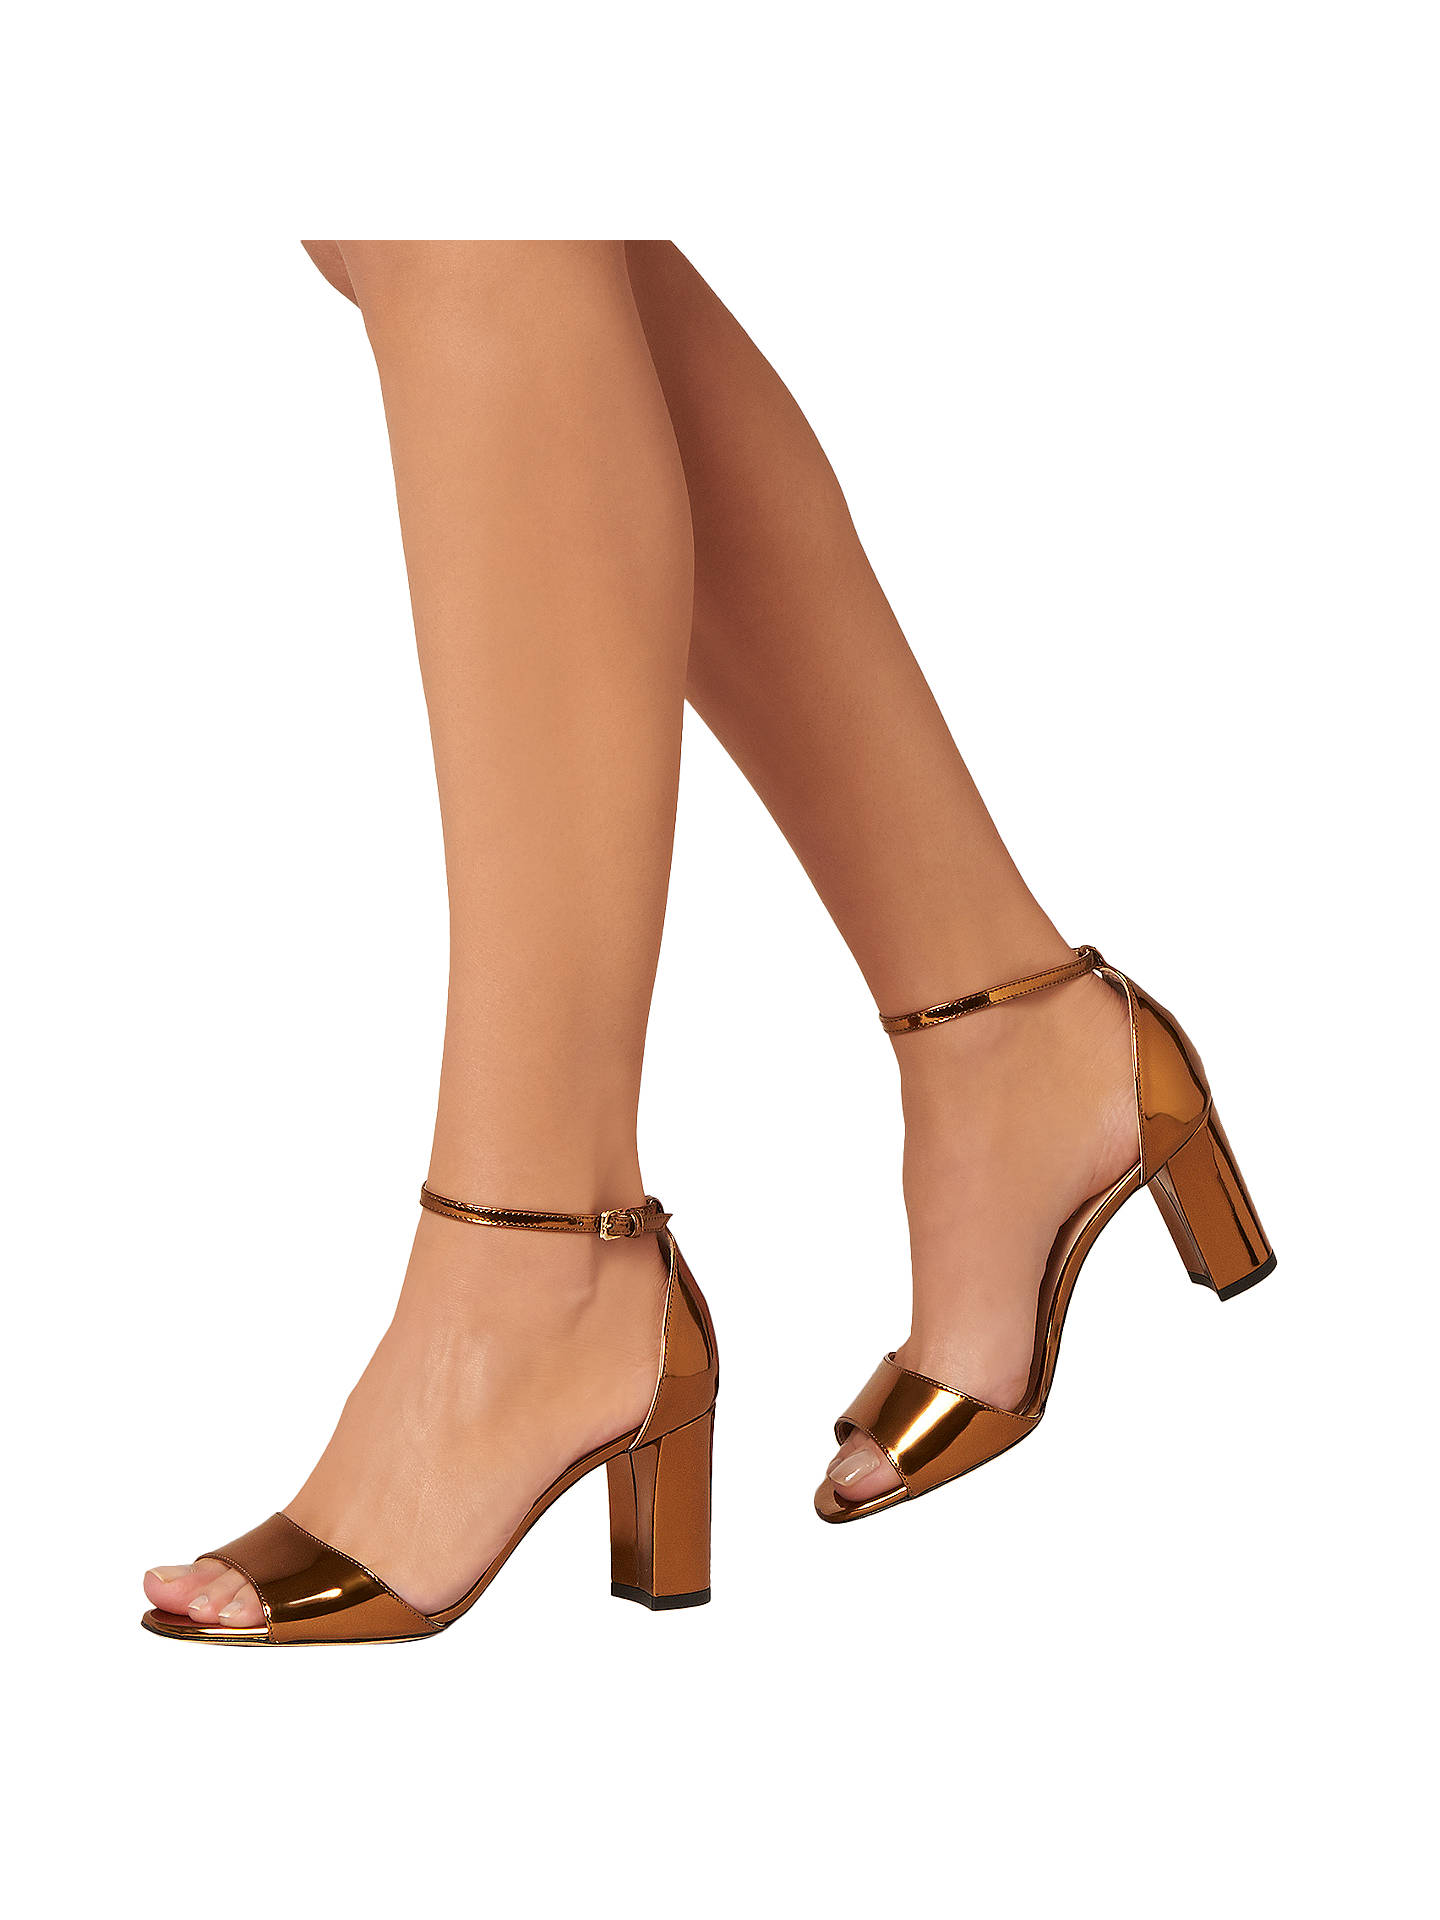 5d97108846a0 ... Buy L.K. Bennett Helena Block Heeled Sandals